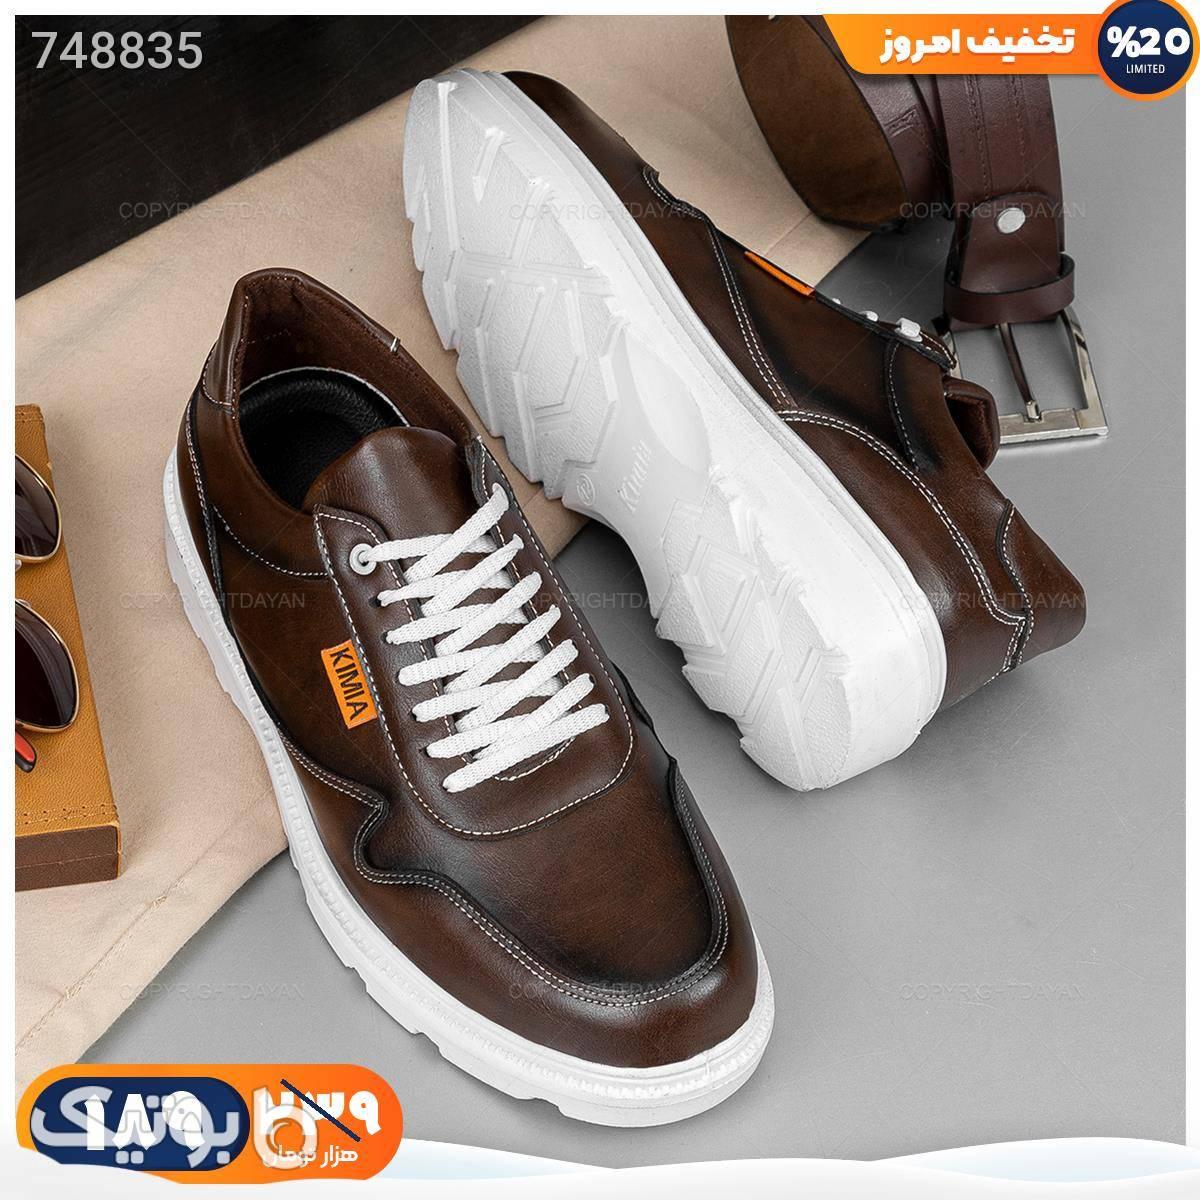 کفش مردانه Imaz مدل 18967 قهوه ای كفش مردانه